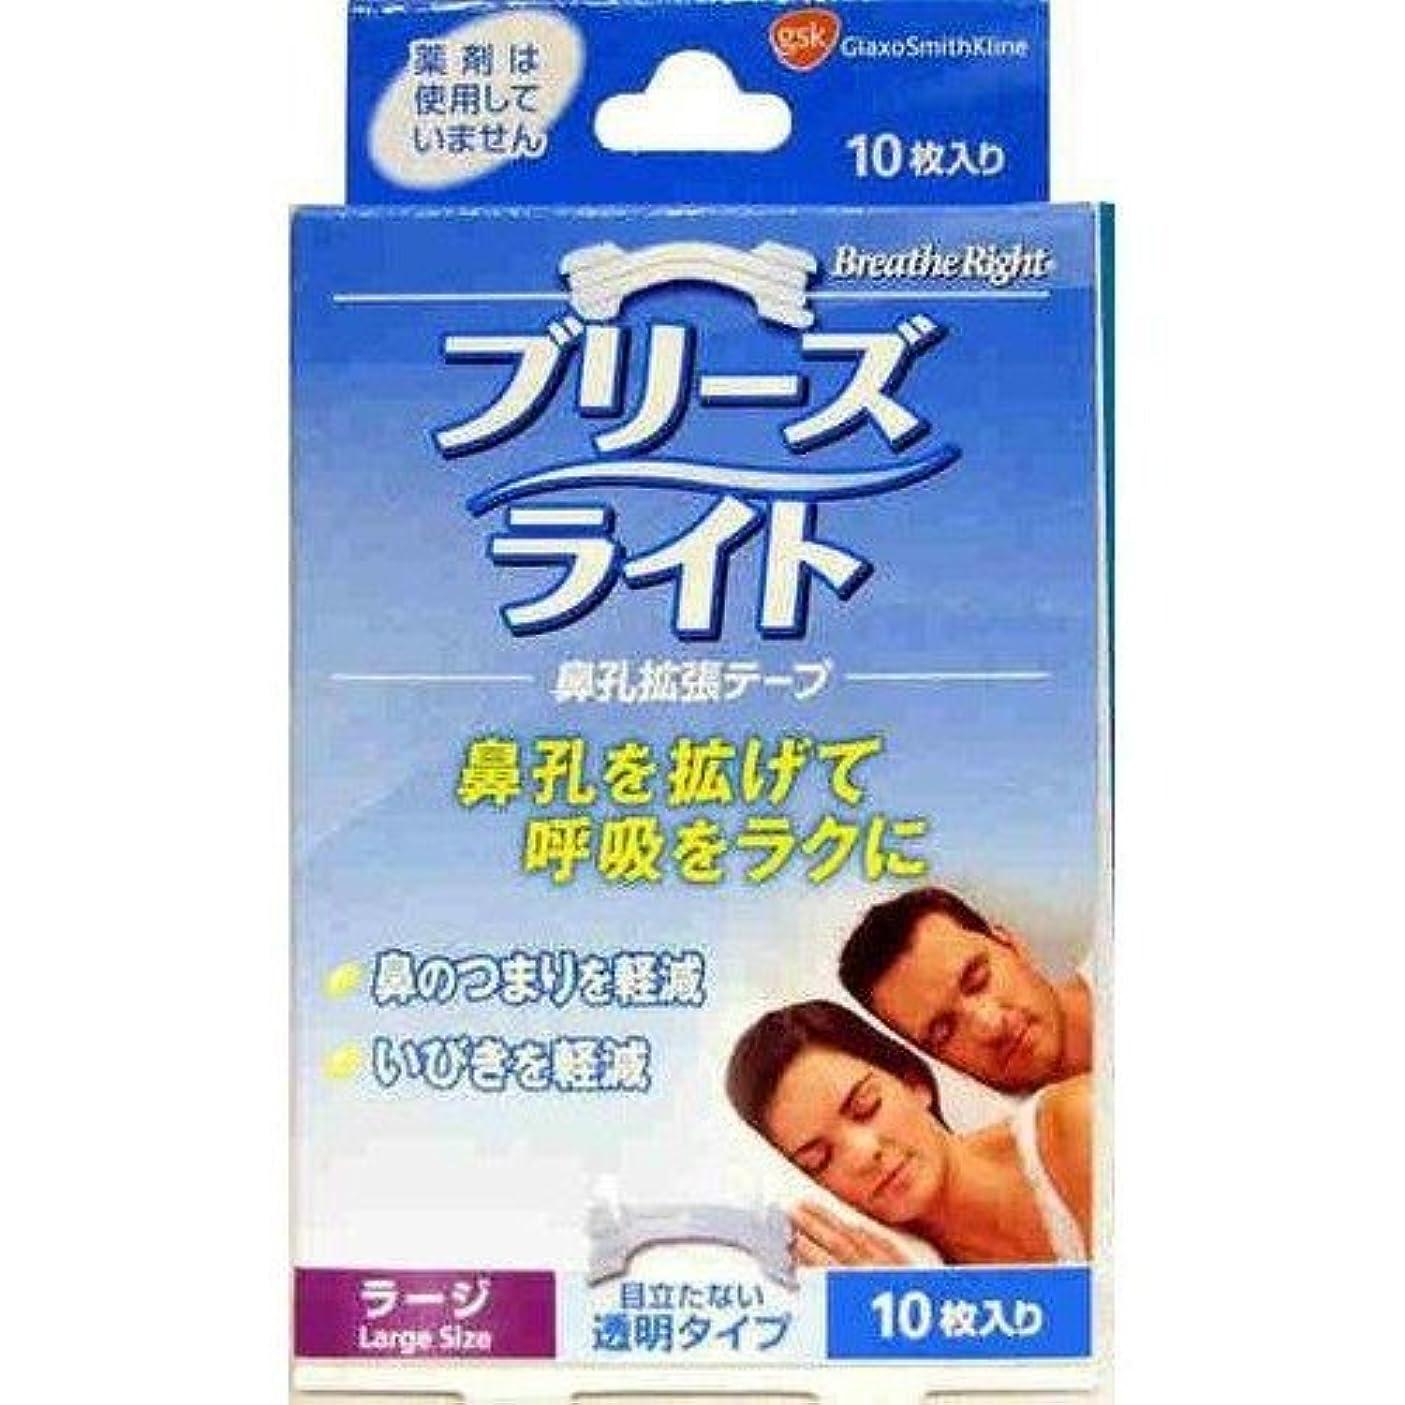 エゴイズム香水ガイドブリーズライト 透明タイプ ラージ 10枚入